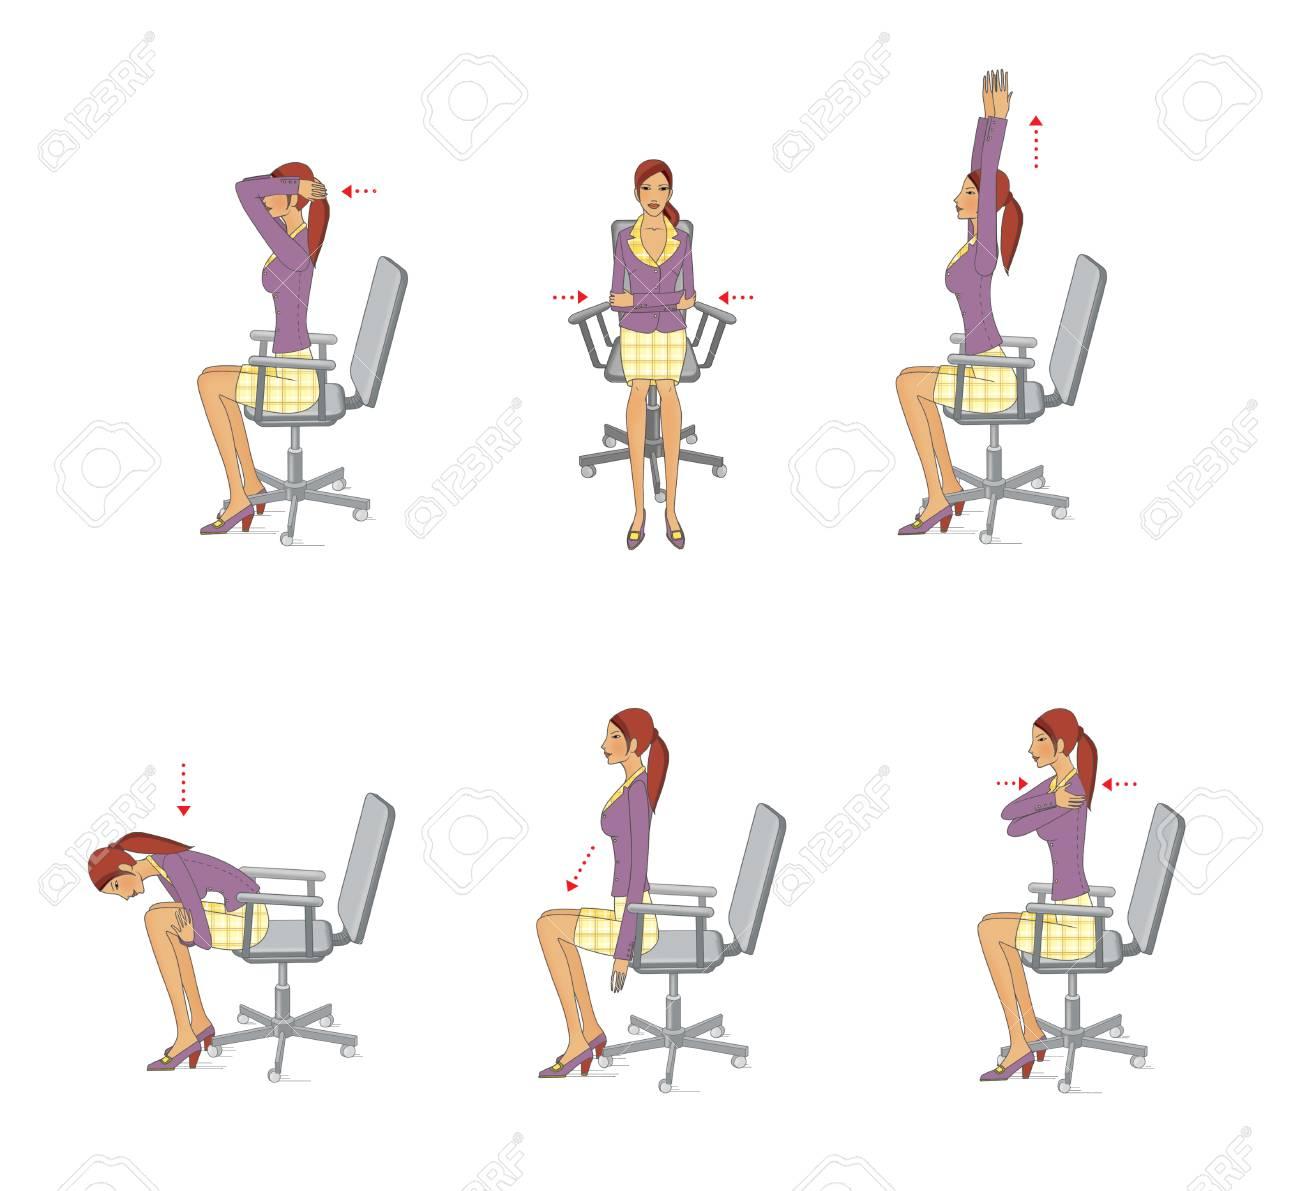 Eine Junge Frau Im Büro Führt übungen Durch Um Die Muskeln Des